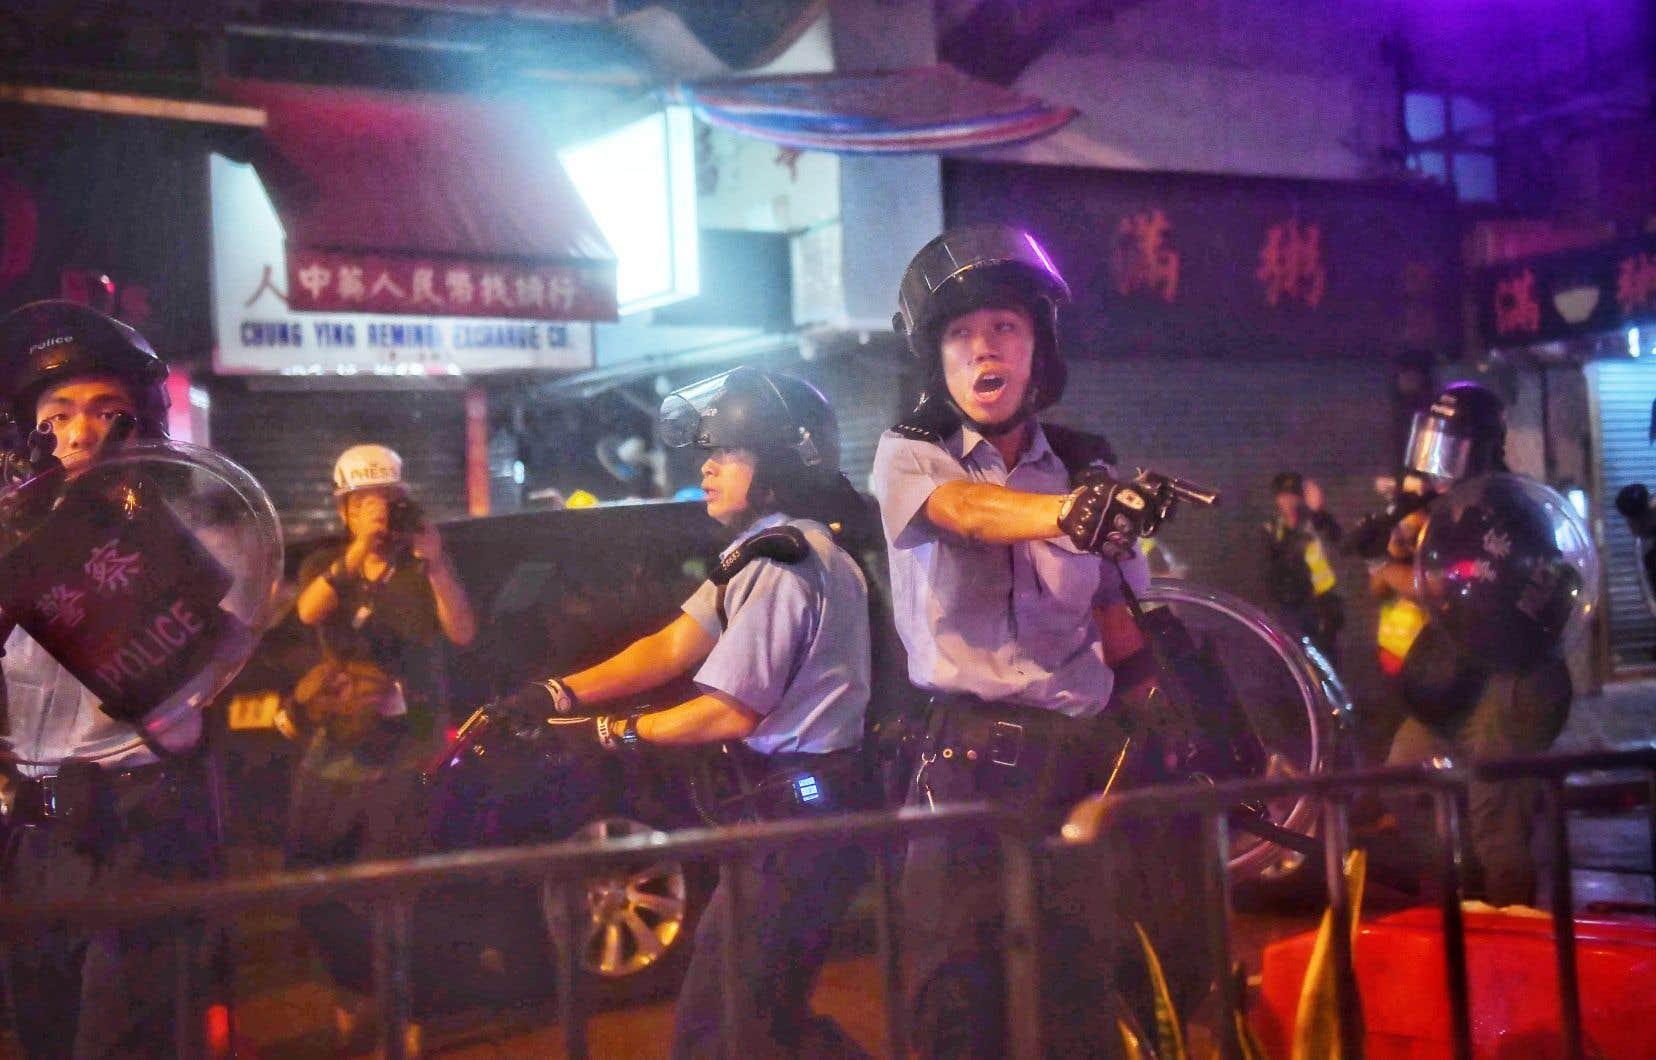 Un officier aurait effectué un tir de sommation en l'air, une première depuis le début de la crise.